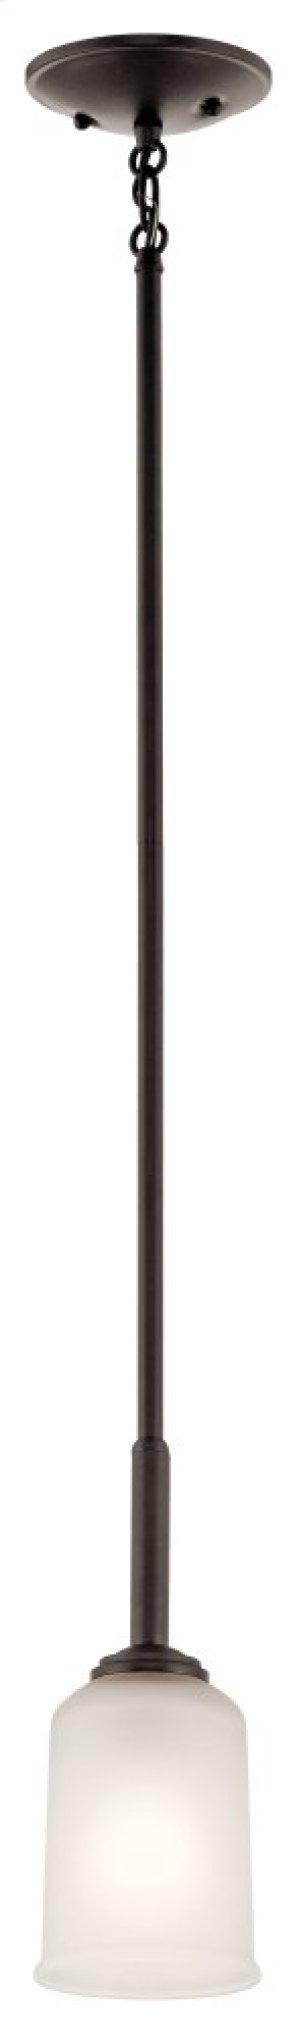 Shailene 1 Light Mini Pendant Olde Bronze®